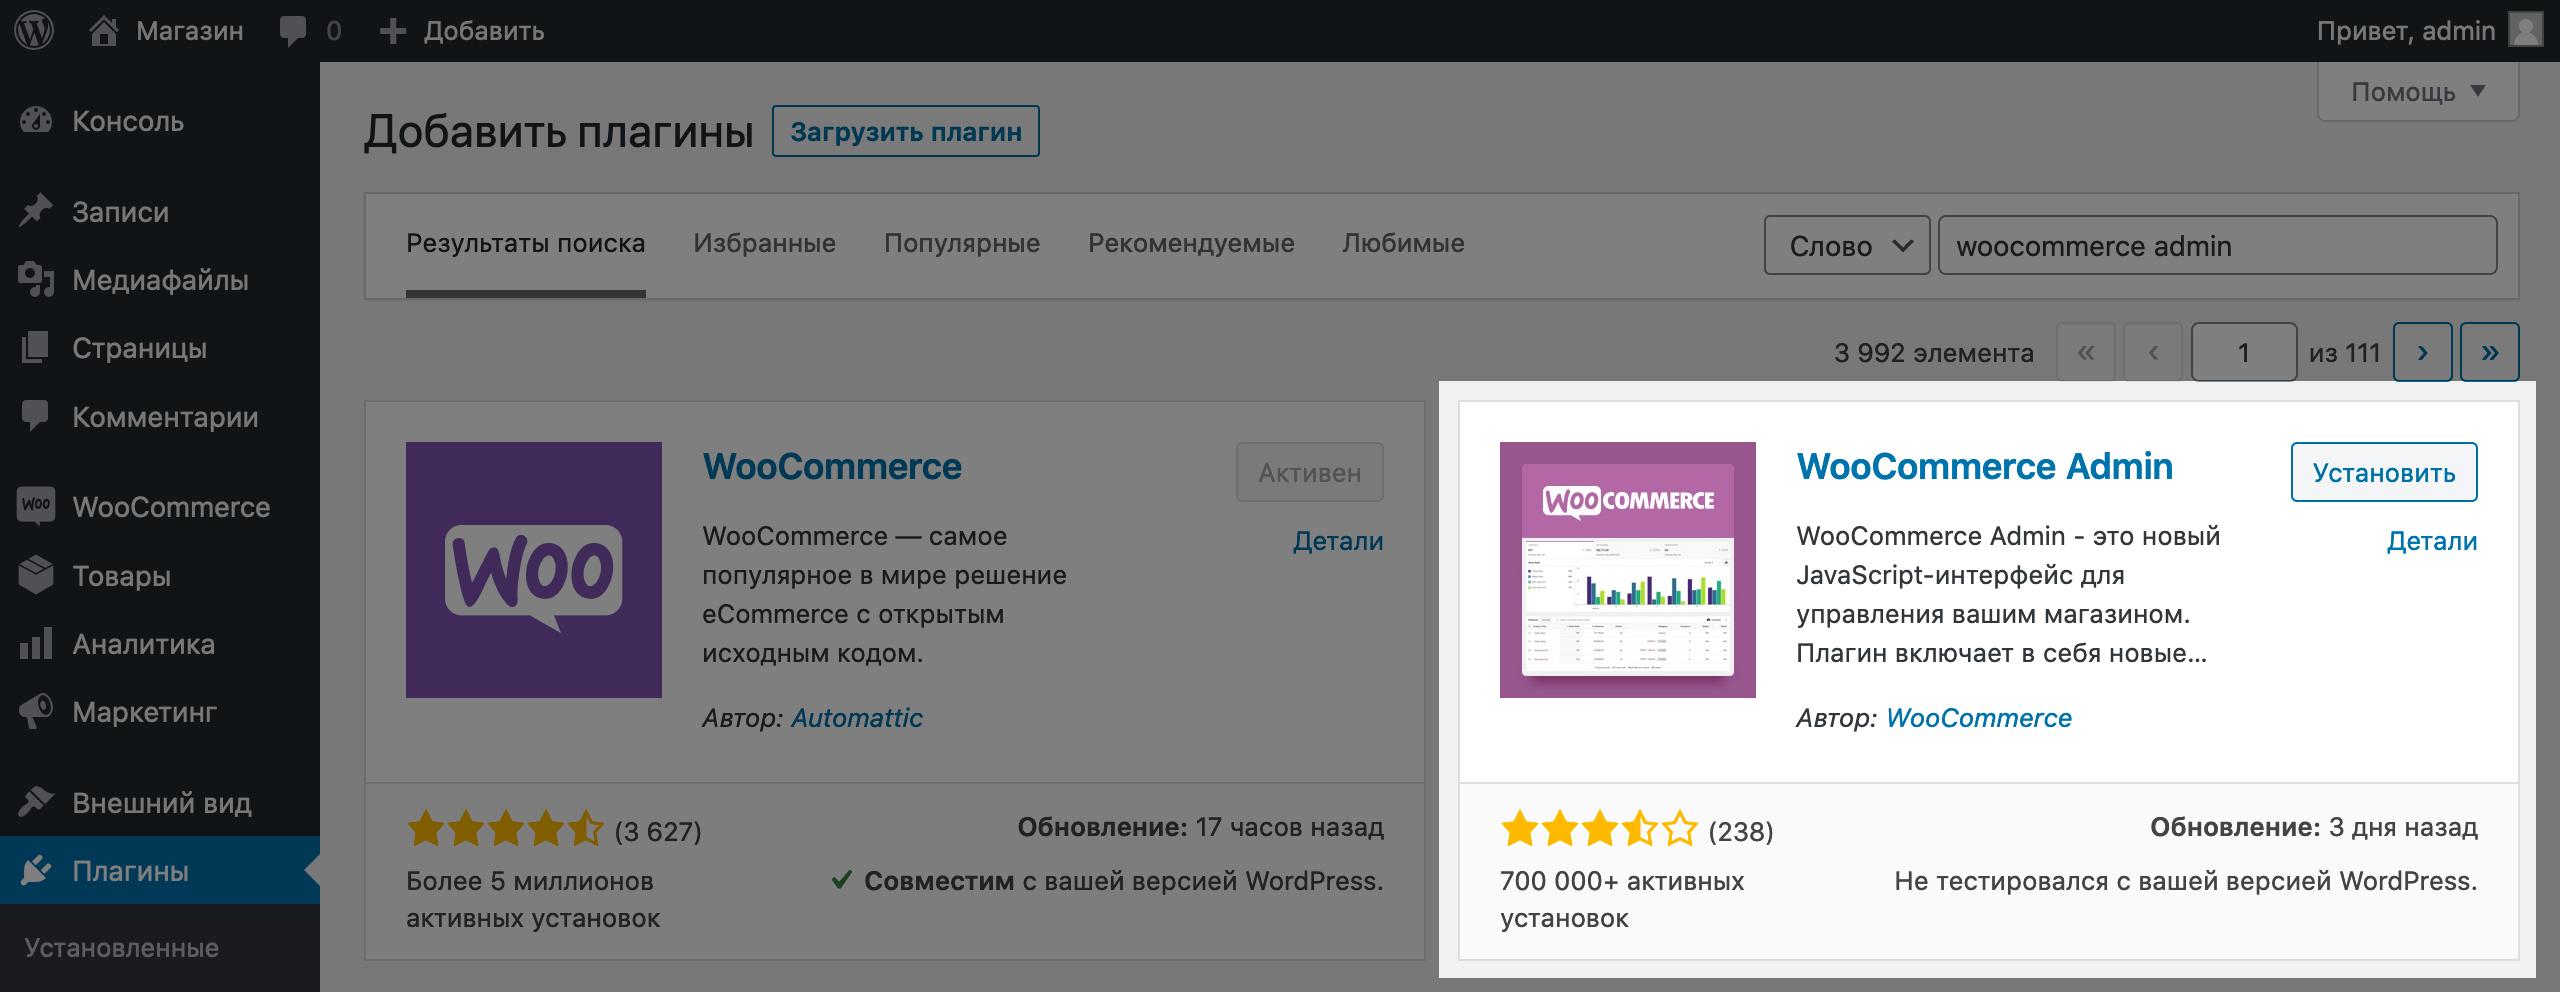 Настройка WooCommerce WordPress: установка плагина WooCommerce Admin